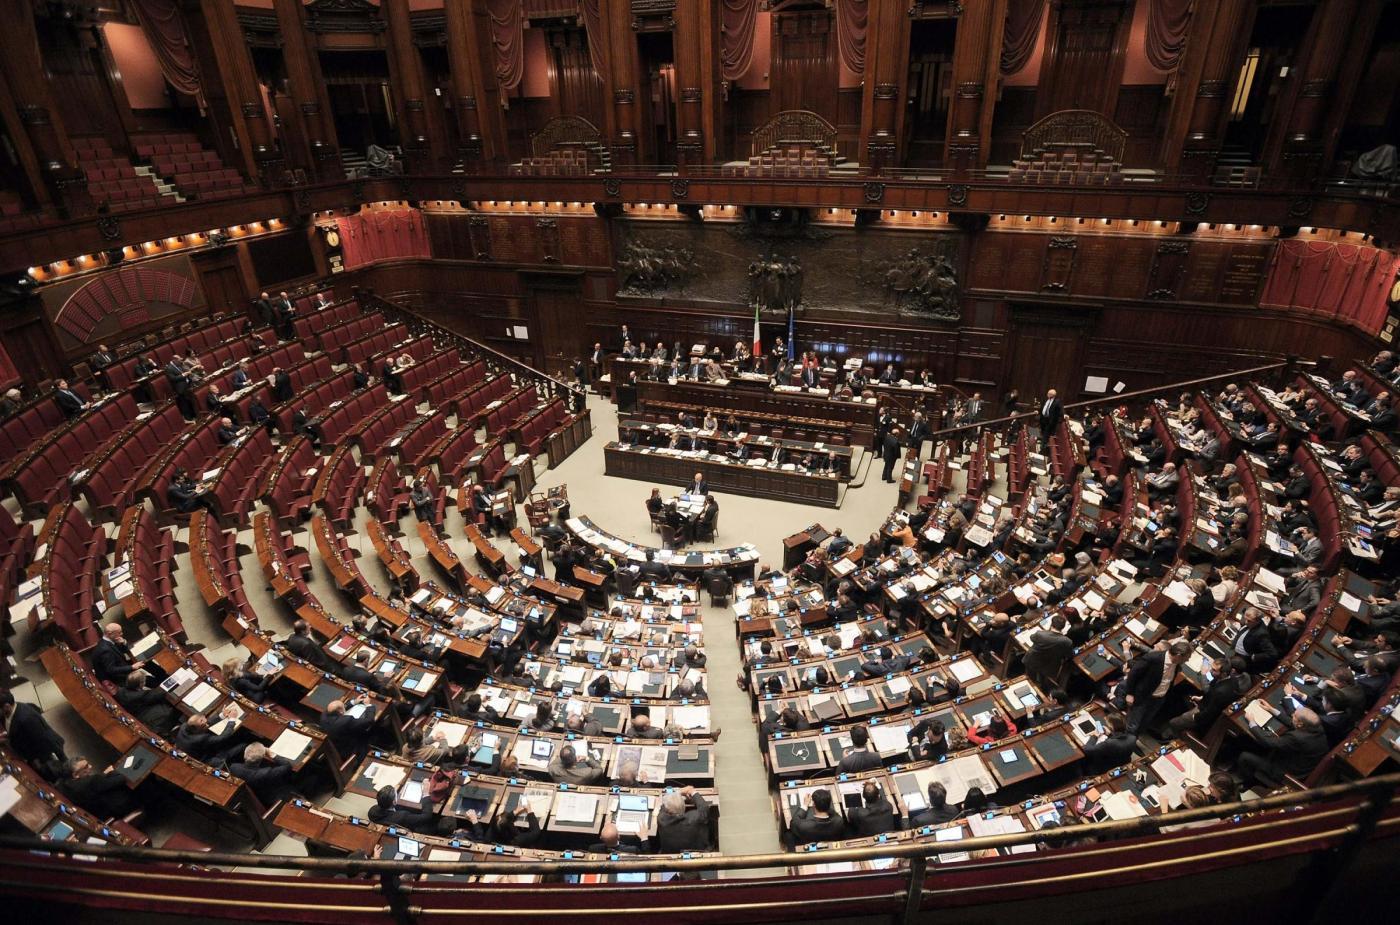 I redditi dei parlamentari: quanto guadagnano i politici?